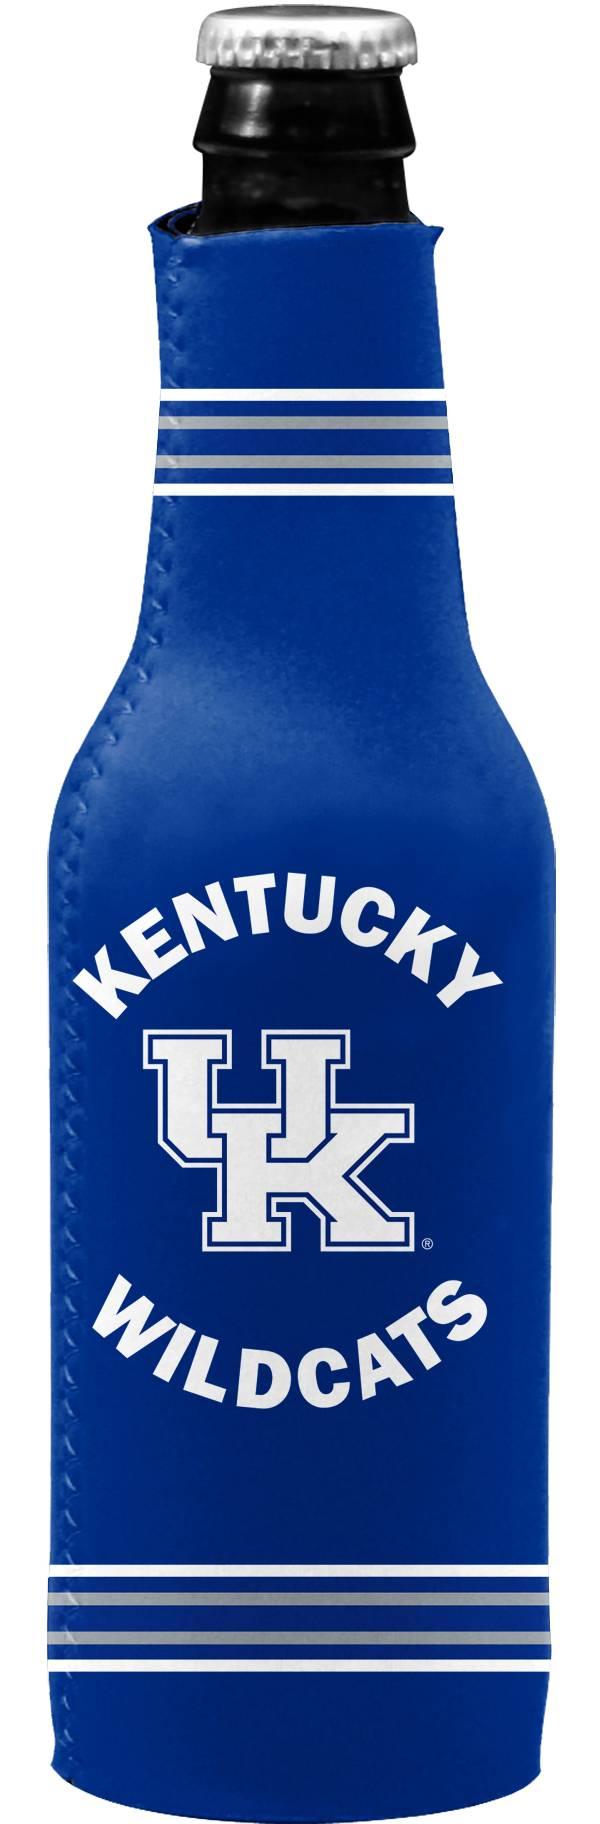 Kentucky Wildcats Bottle Koozie product image